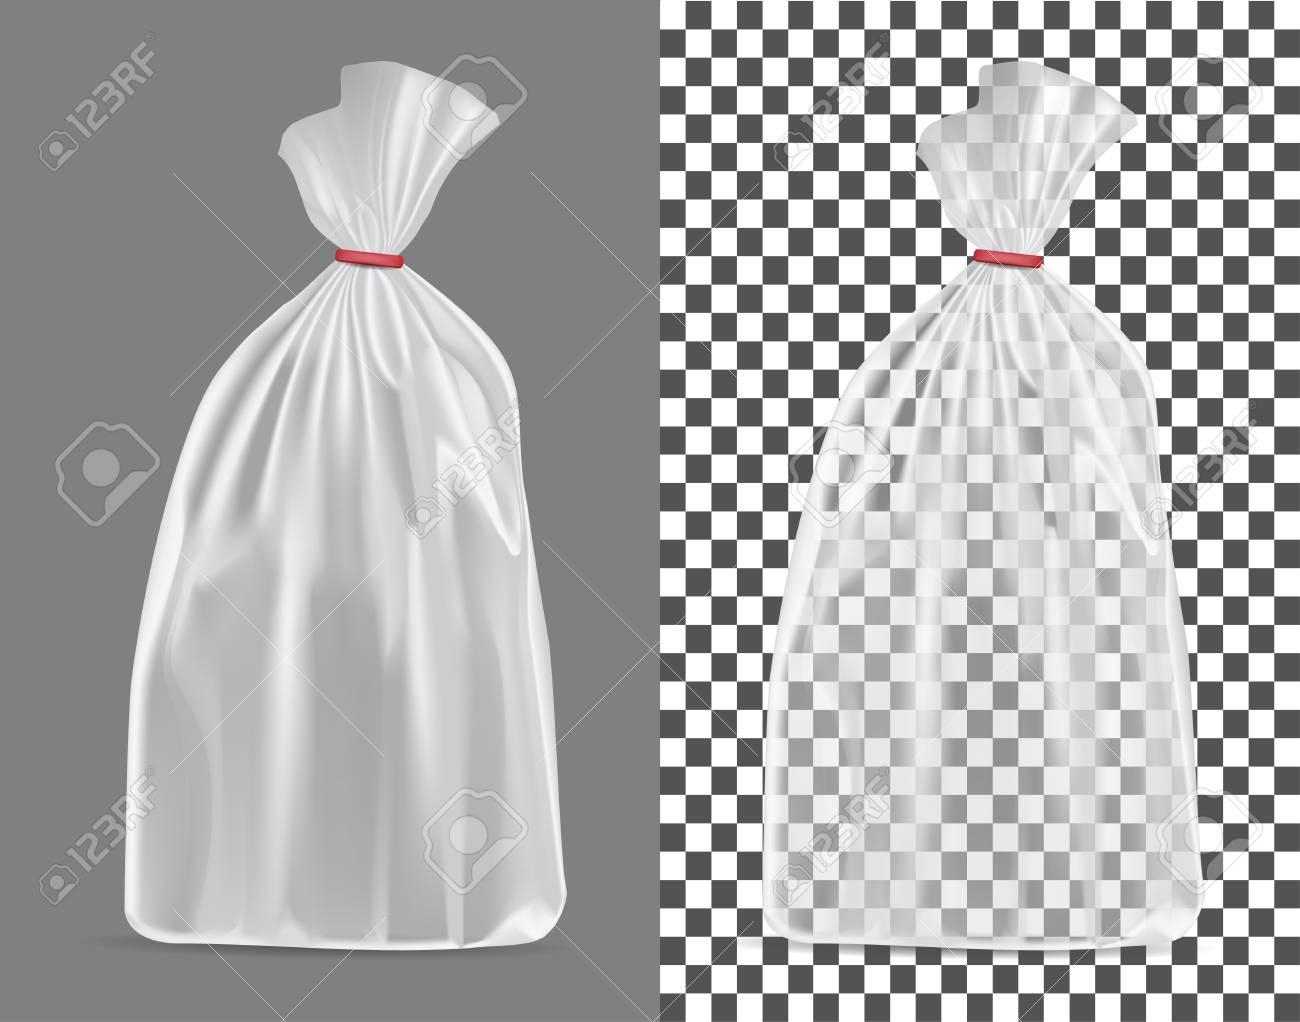 63ea01547 Bolsa de plástico transparente. Embalaje para pan, café, dulces, galletas y  regalos